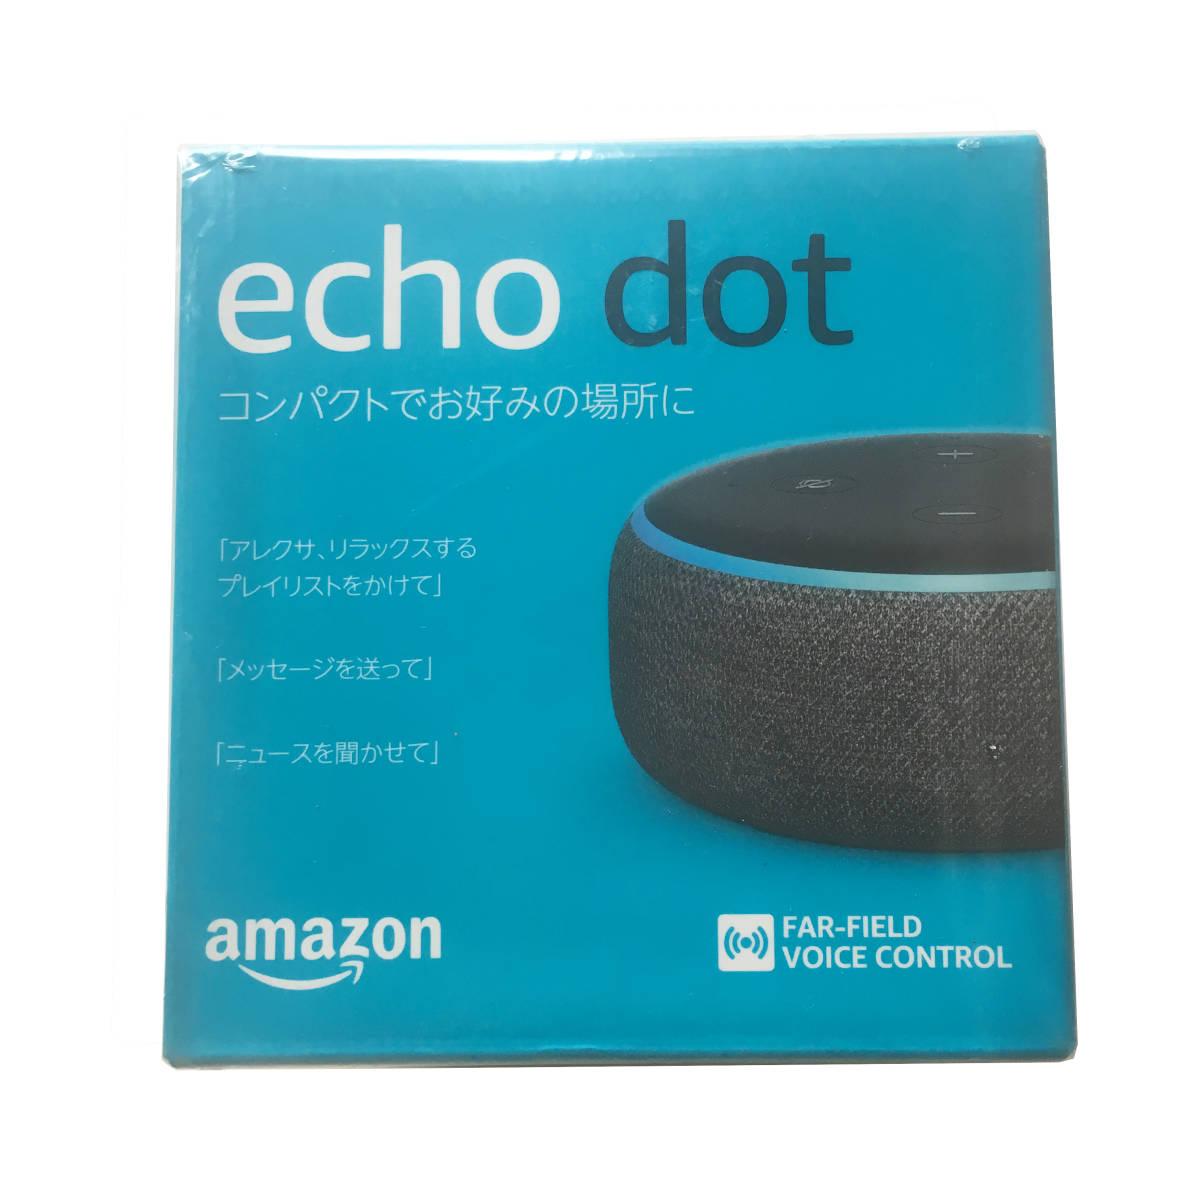 【新品・未開封】 Amazon 第3世代 Echo Dot Alexa対応 スマートスピーカー チャコール_画像1